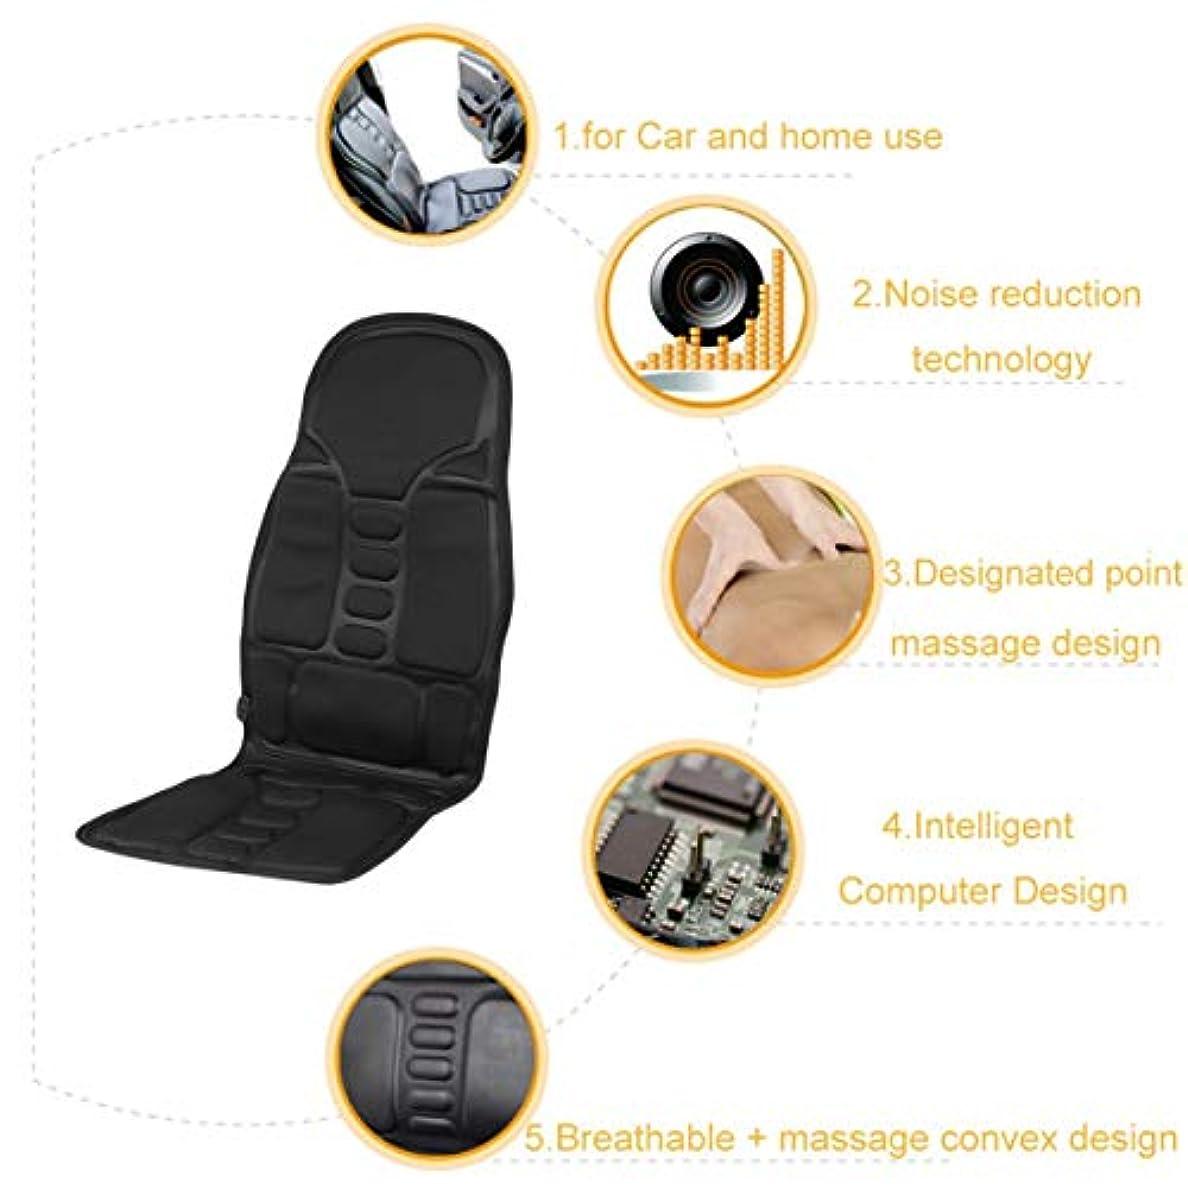 ジョージハンブリー飼い慣らす化粧Professional Car Household Office Full Body Massage Cushion Lumbar Heat Vibration Neck Back Massage Cushion Seat